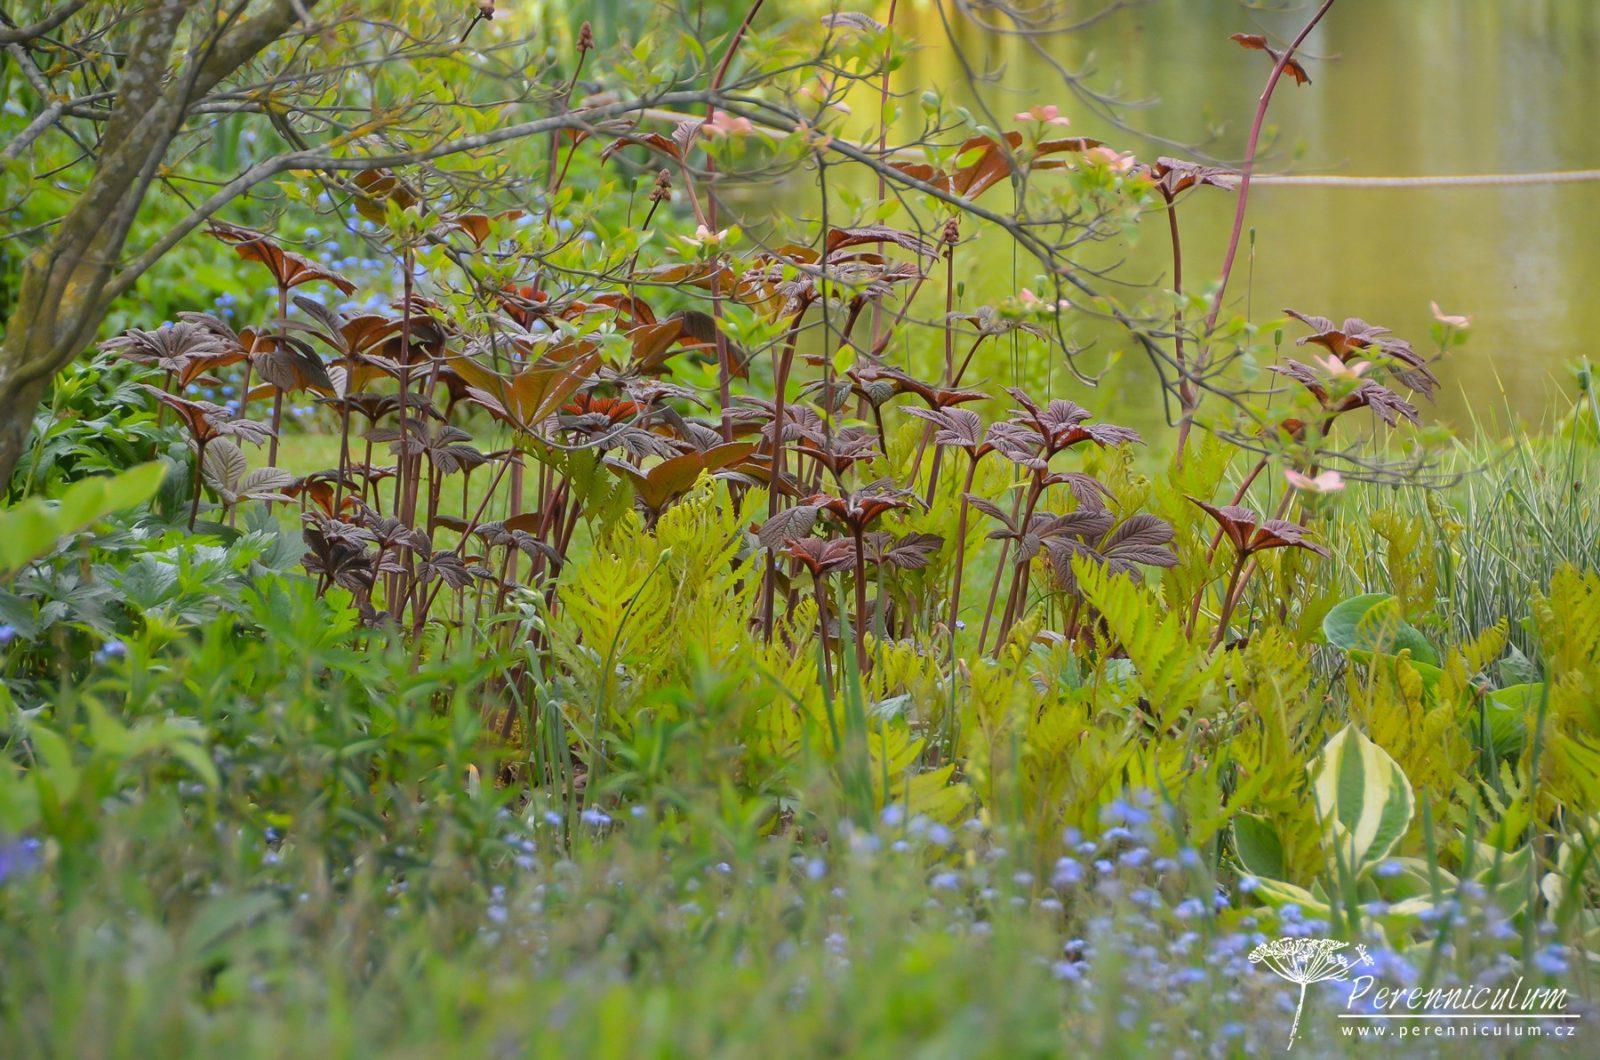 Hnědě rašící listy rodgersie působí exoticky mezi čerstvou pobřežní zelení.